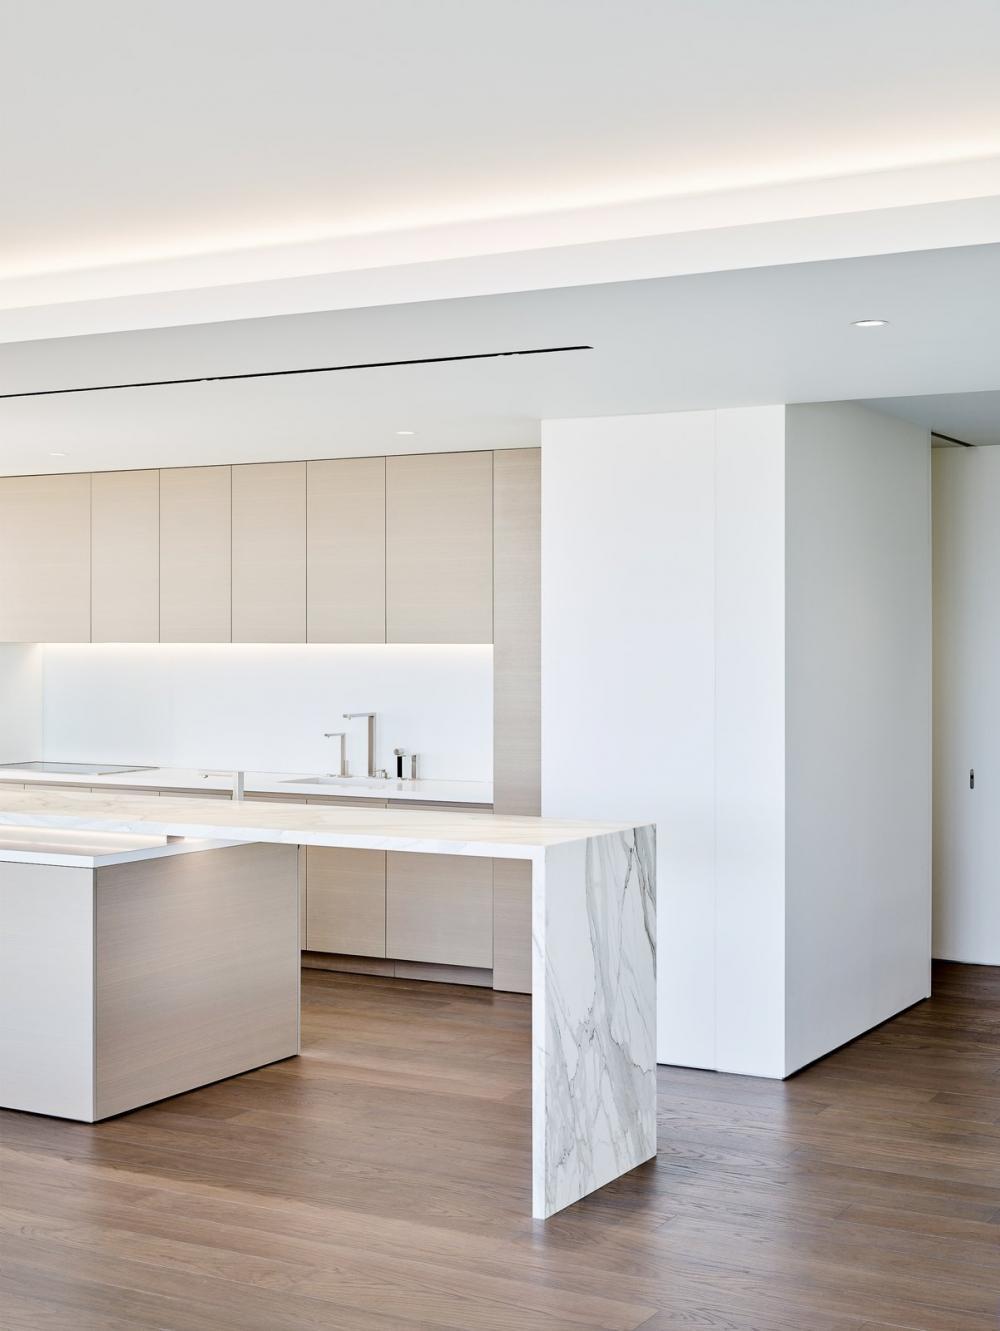 Nội thất bếp có gam màu trắng giúp căn bếp thoáng đáng, sáng sủa hơn